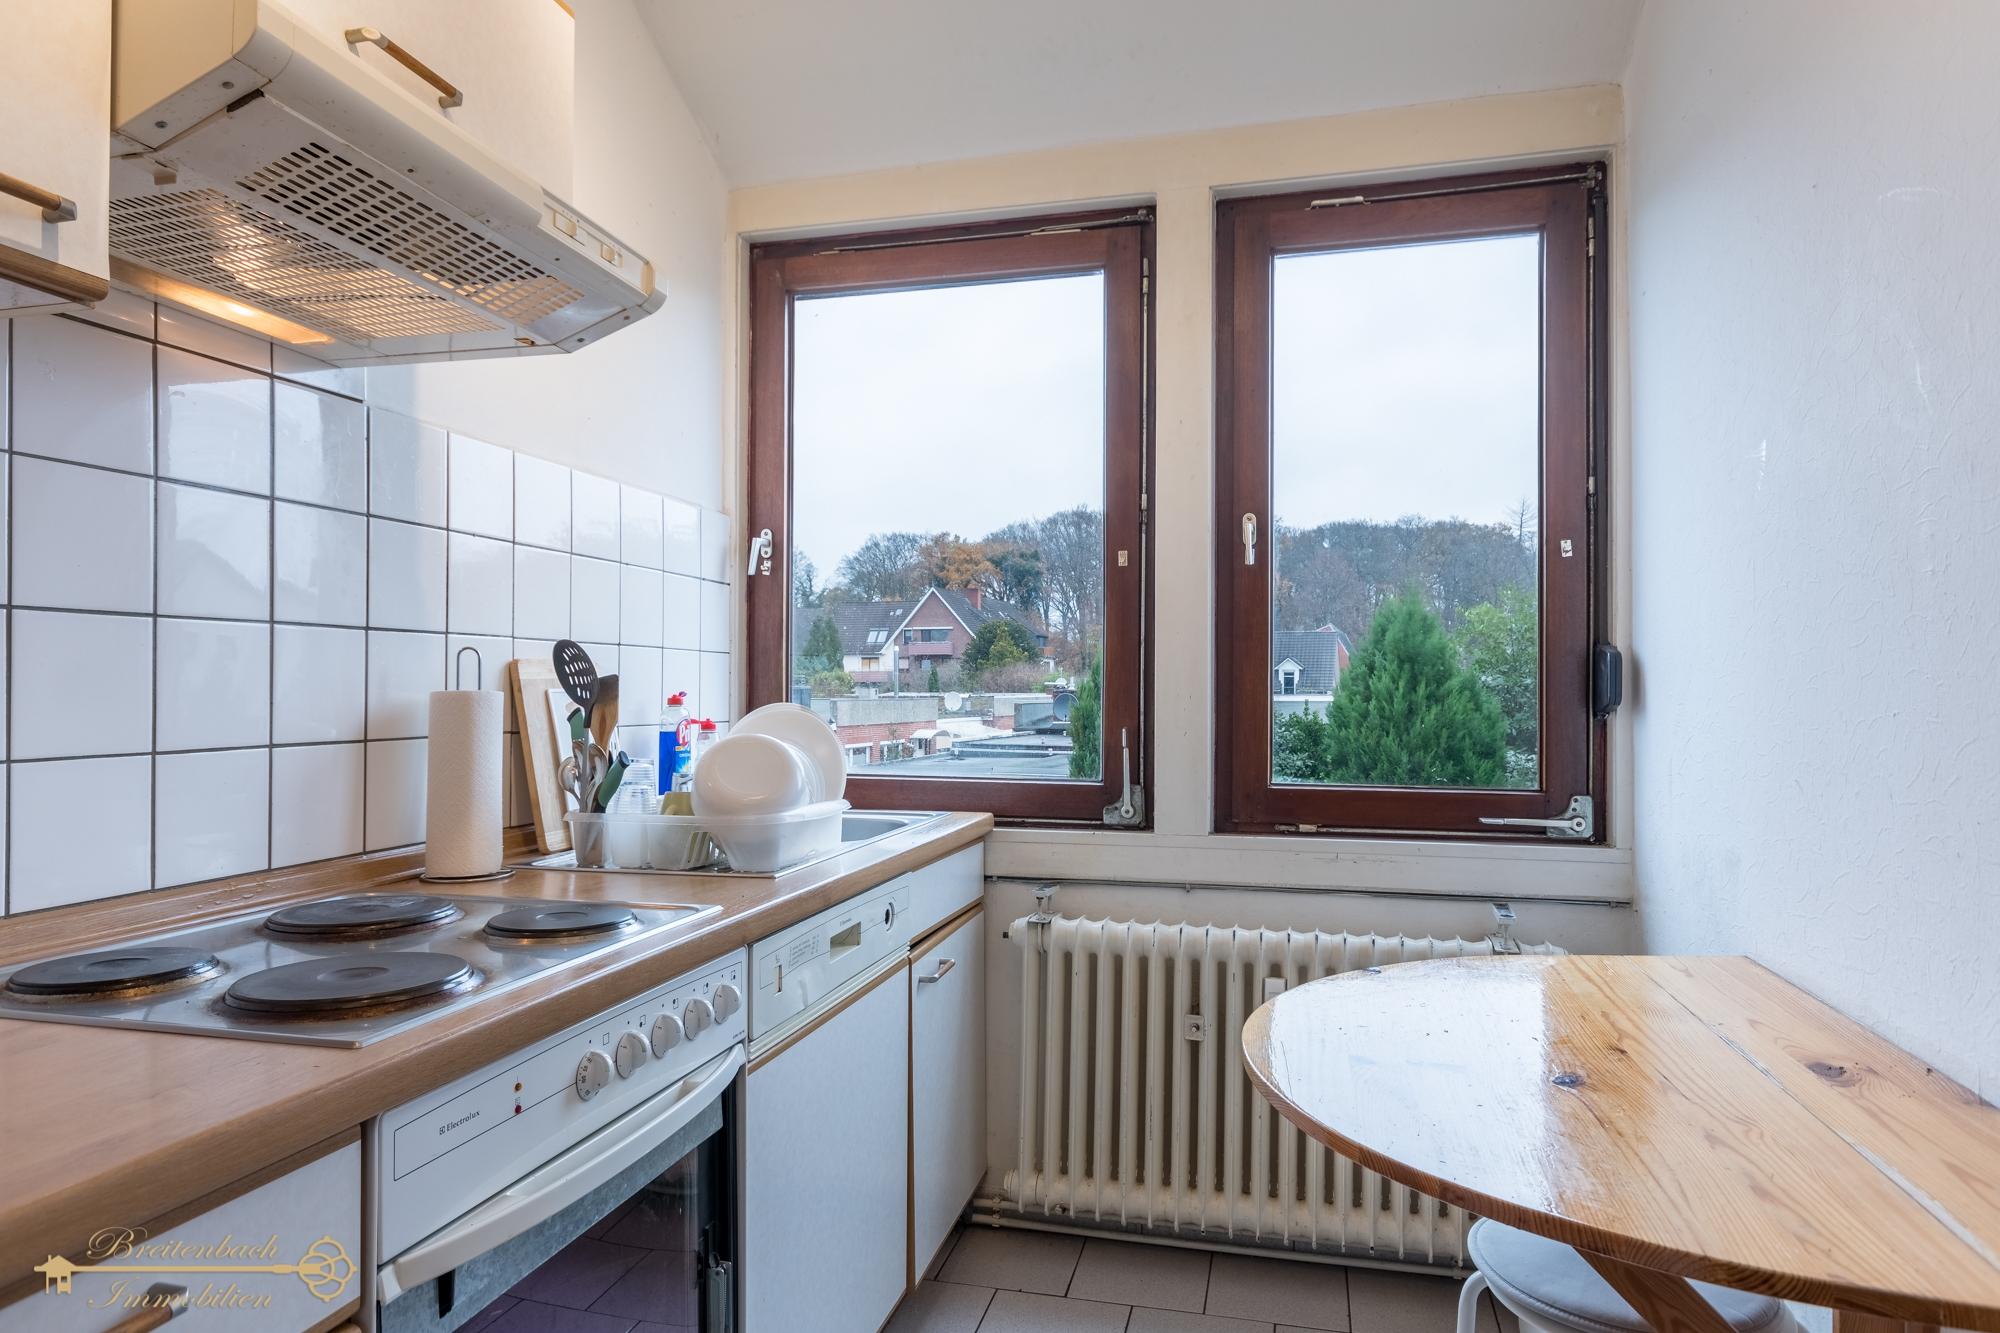 2020-11-21-Breitenbach-Immobilien-8